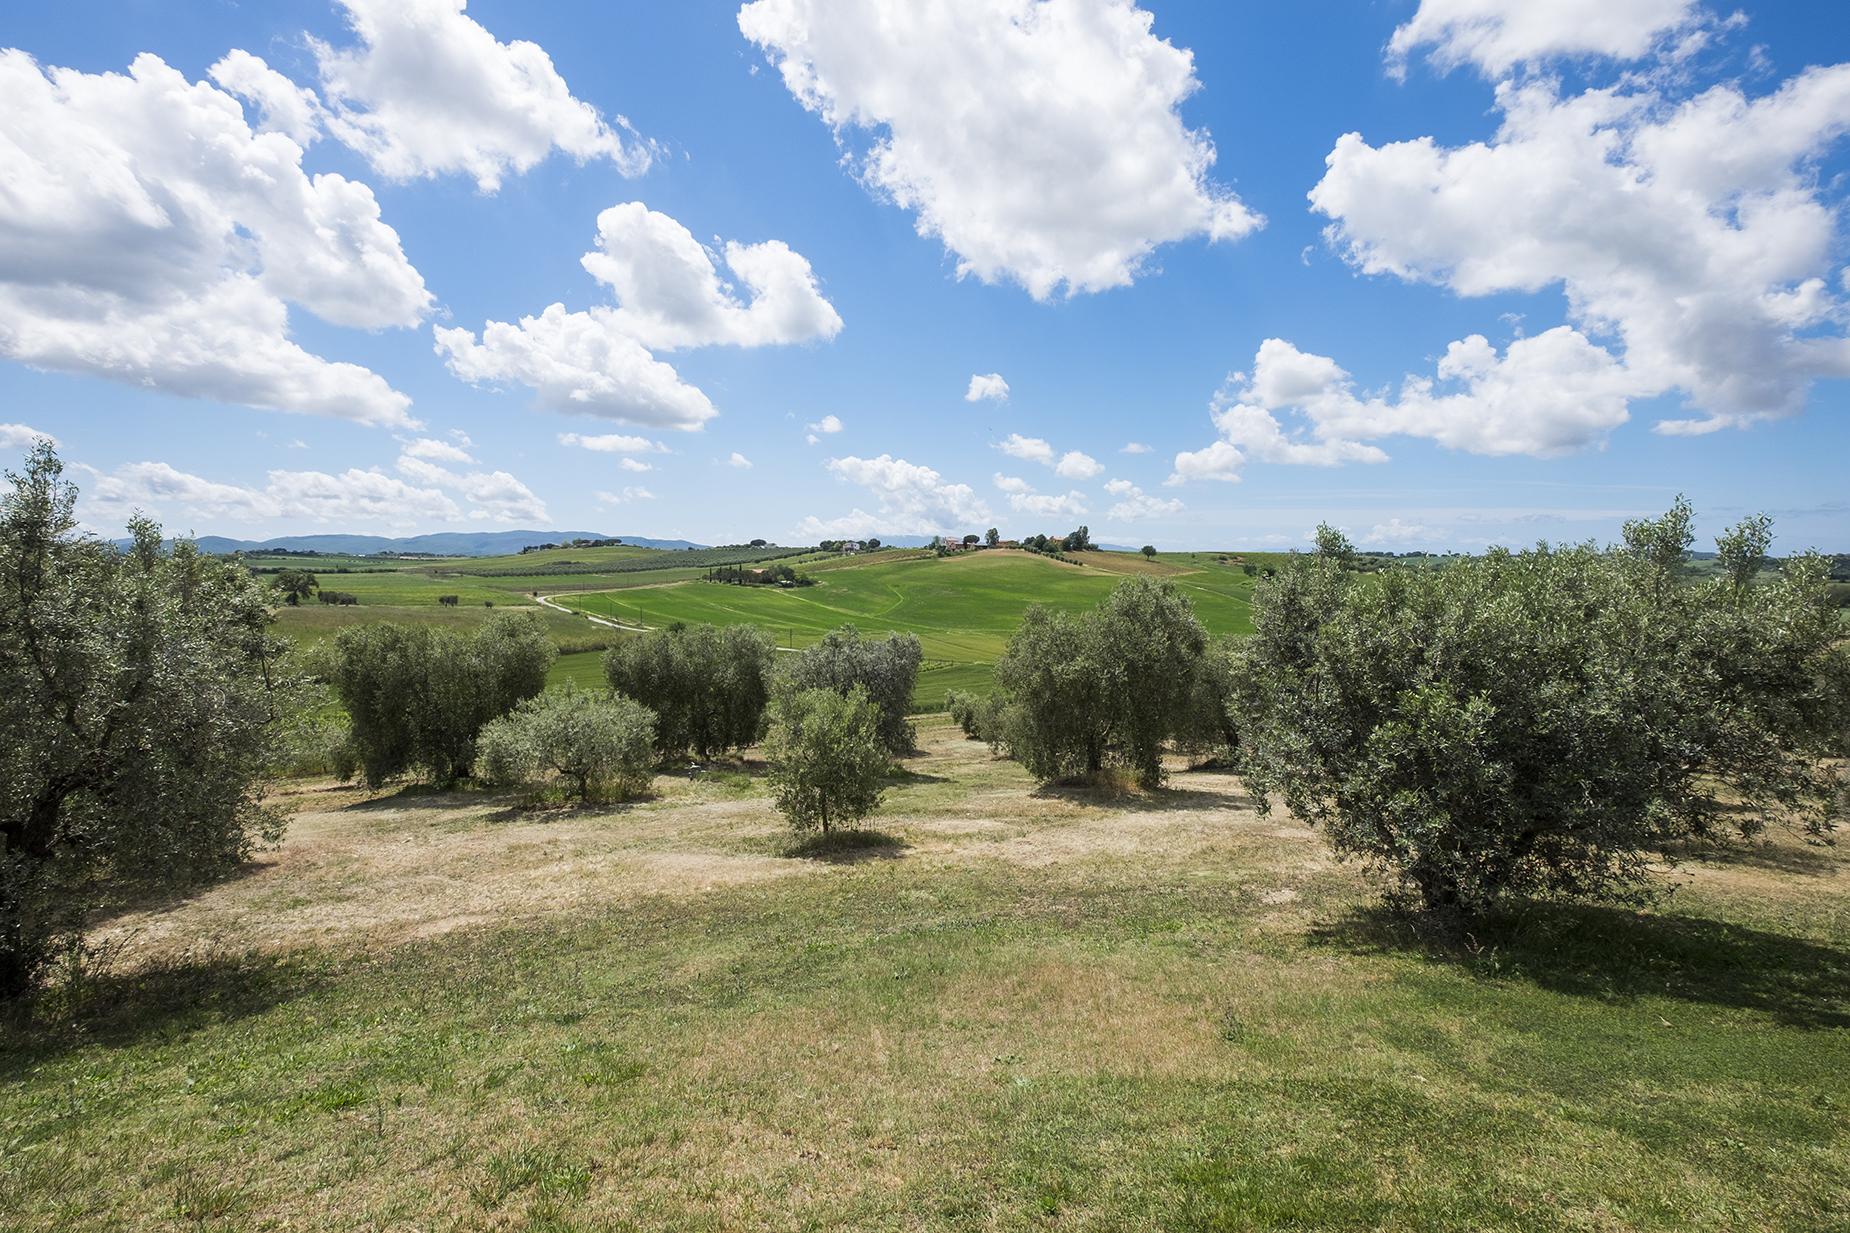 Rustico in Vendita a Magliano In Toscana: 5 locali, 320 mq - Foto 16